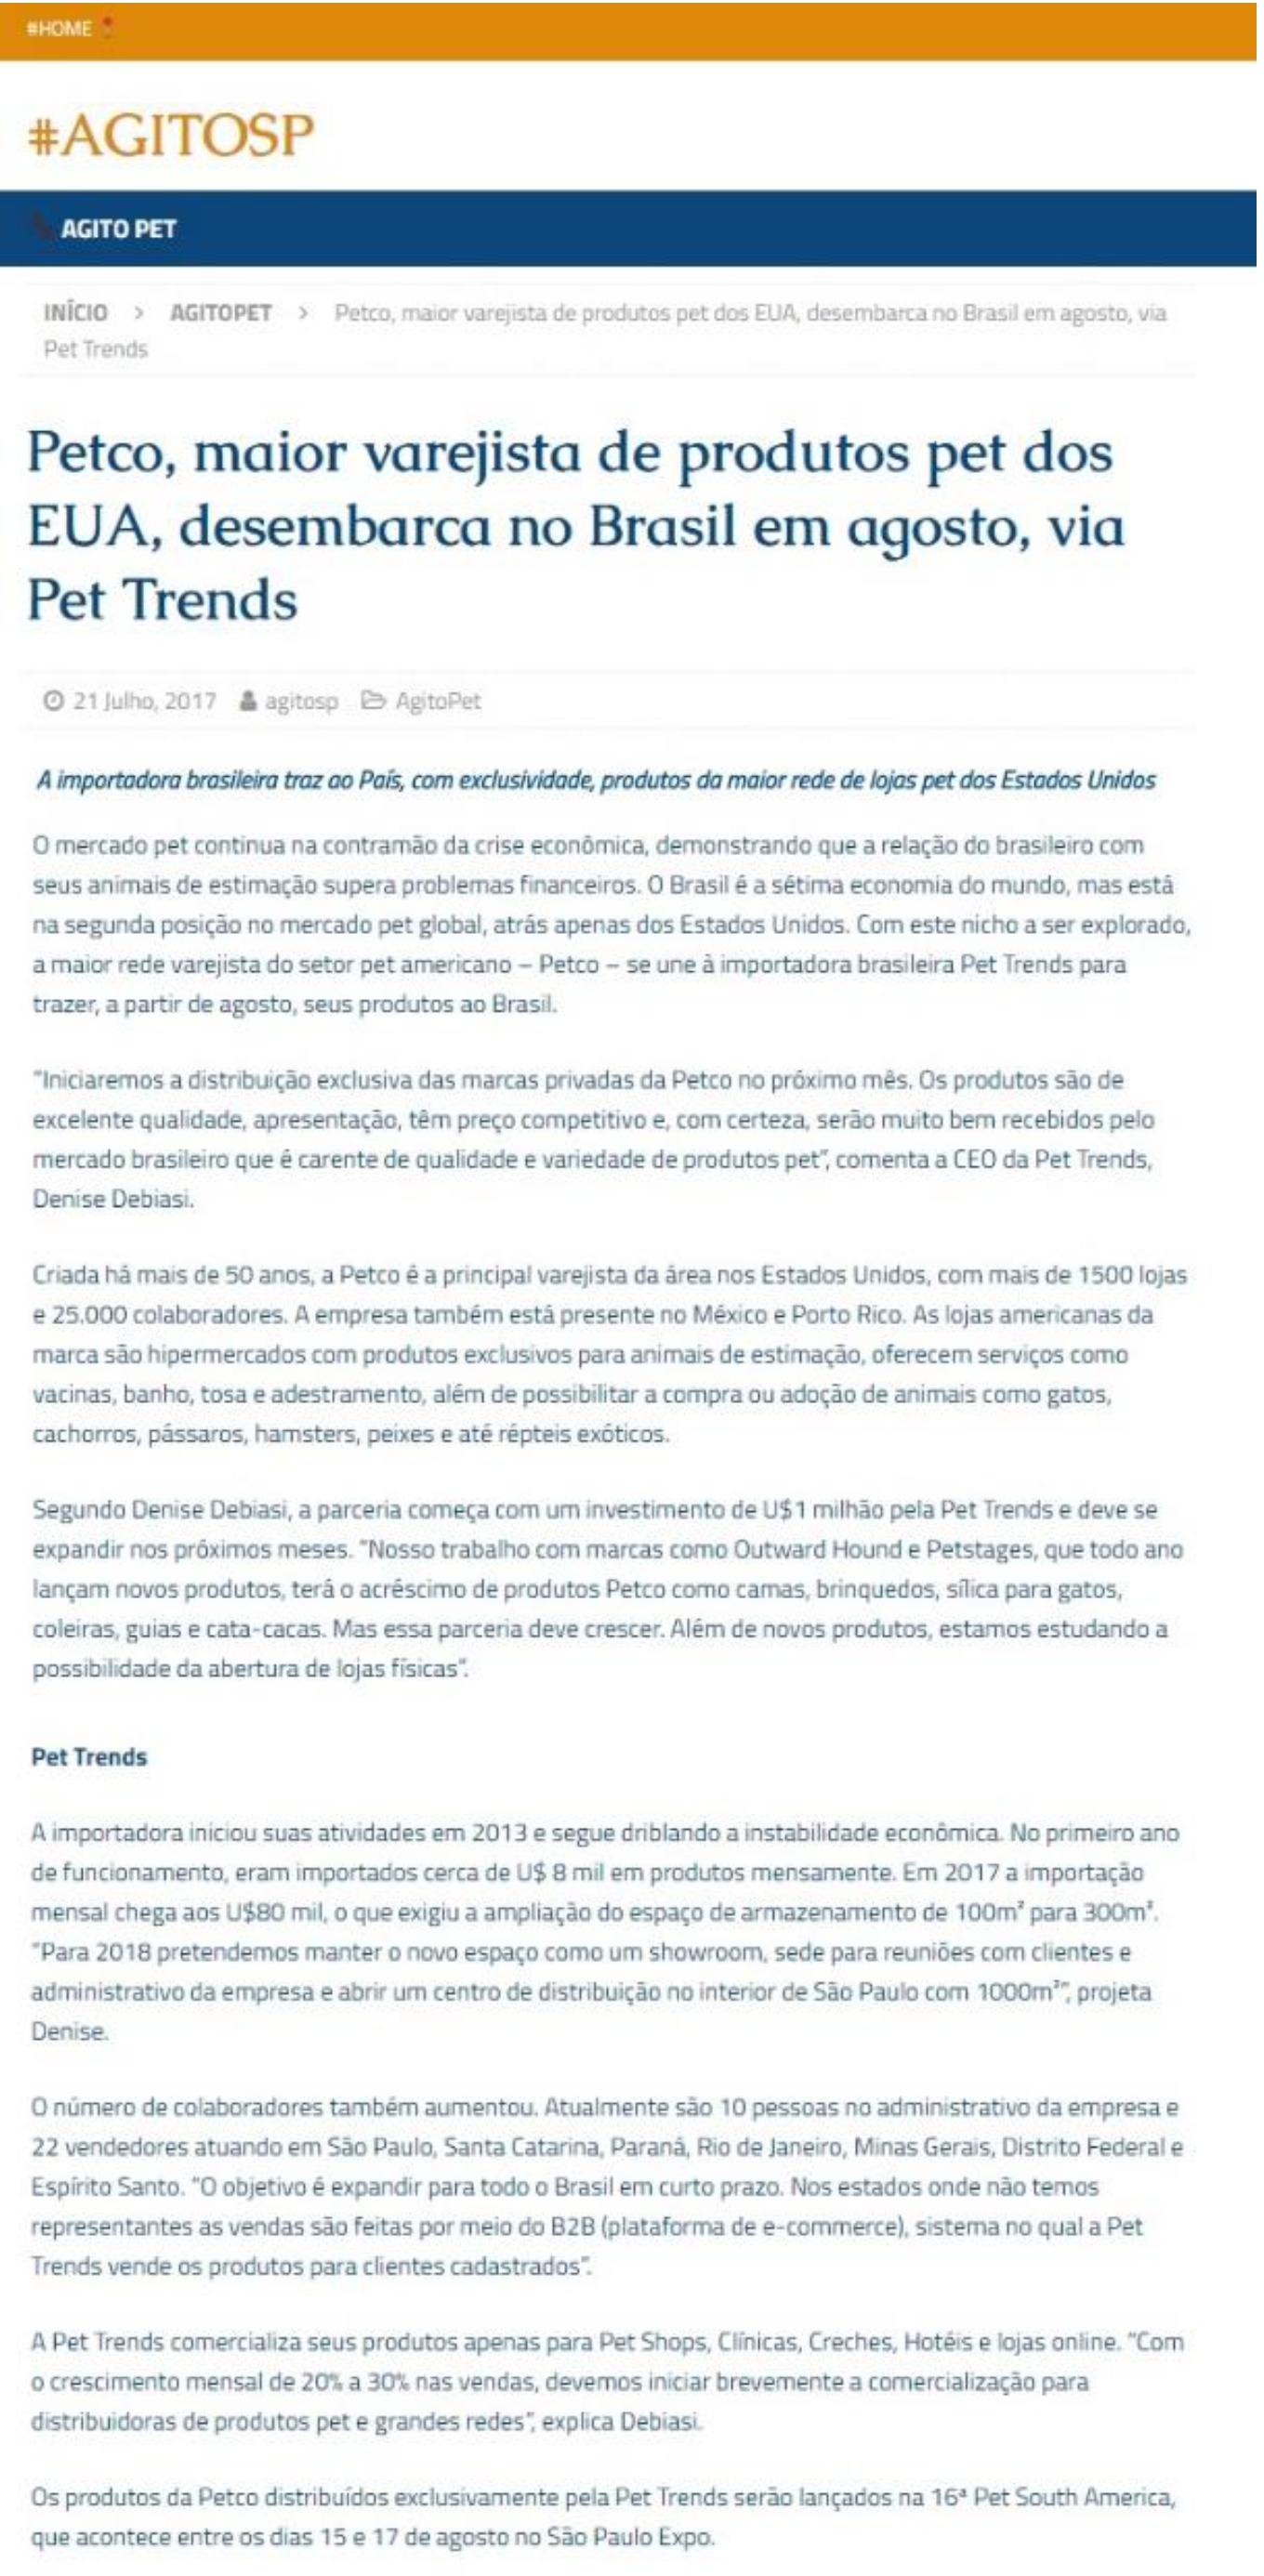 Saiu no AgitoSP matéria sobre parceria com a Petco